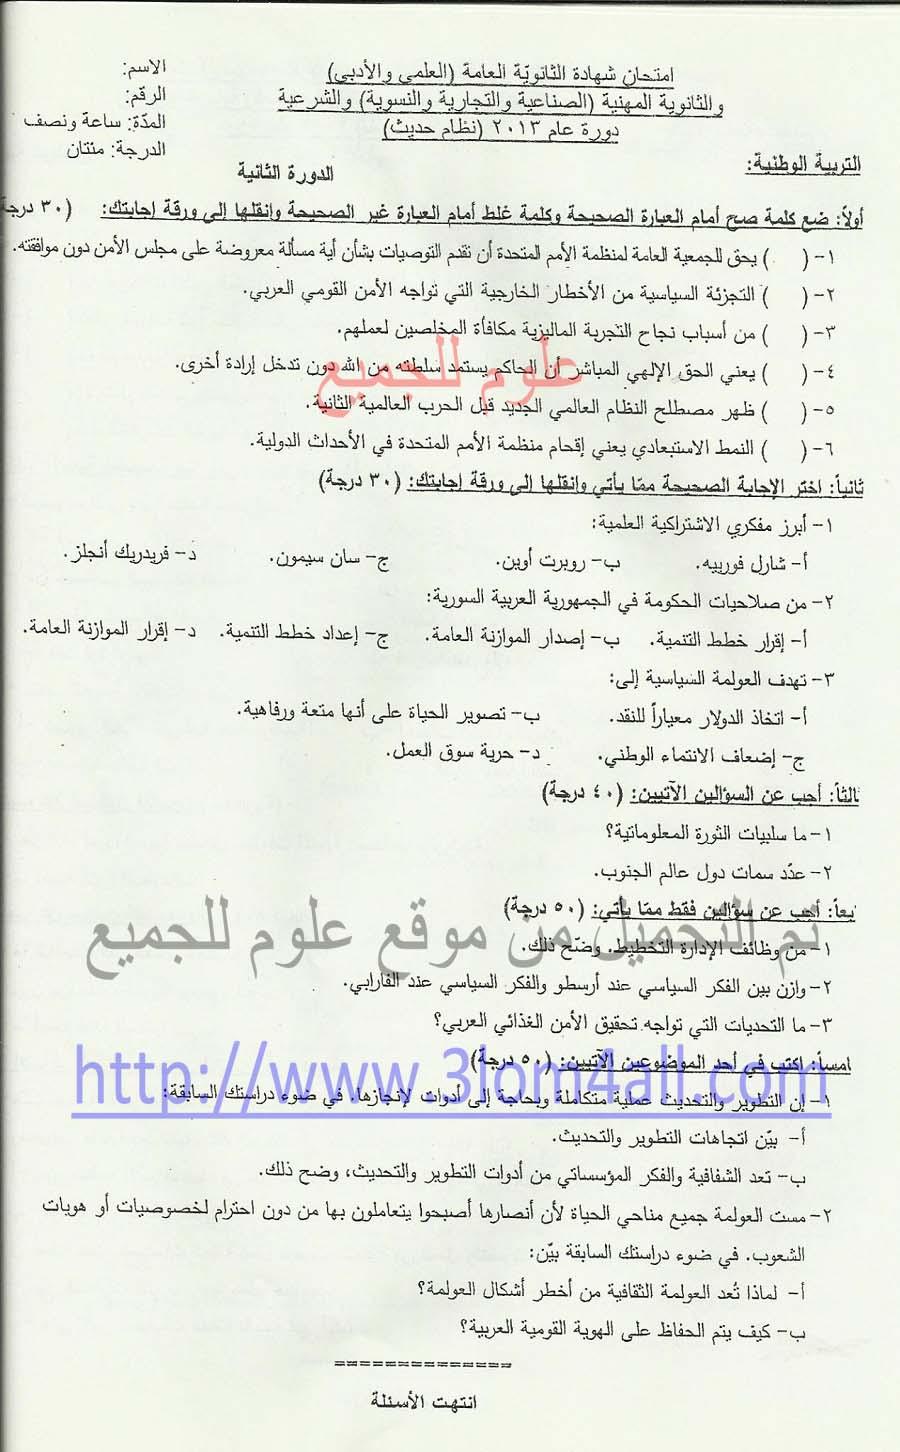 ورقة امتحان الوطنية القومية البكالوريا سوريا 2013 الدورة الثانية التكميلية